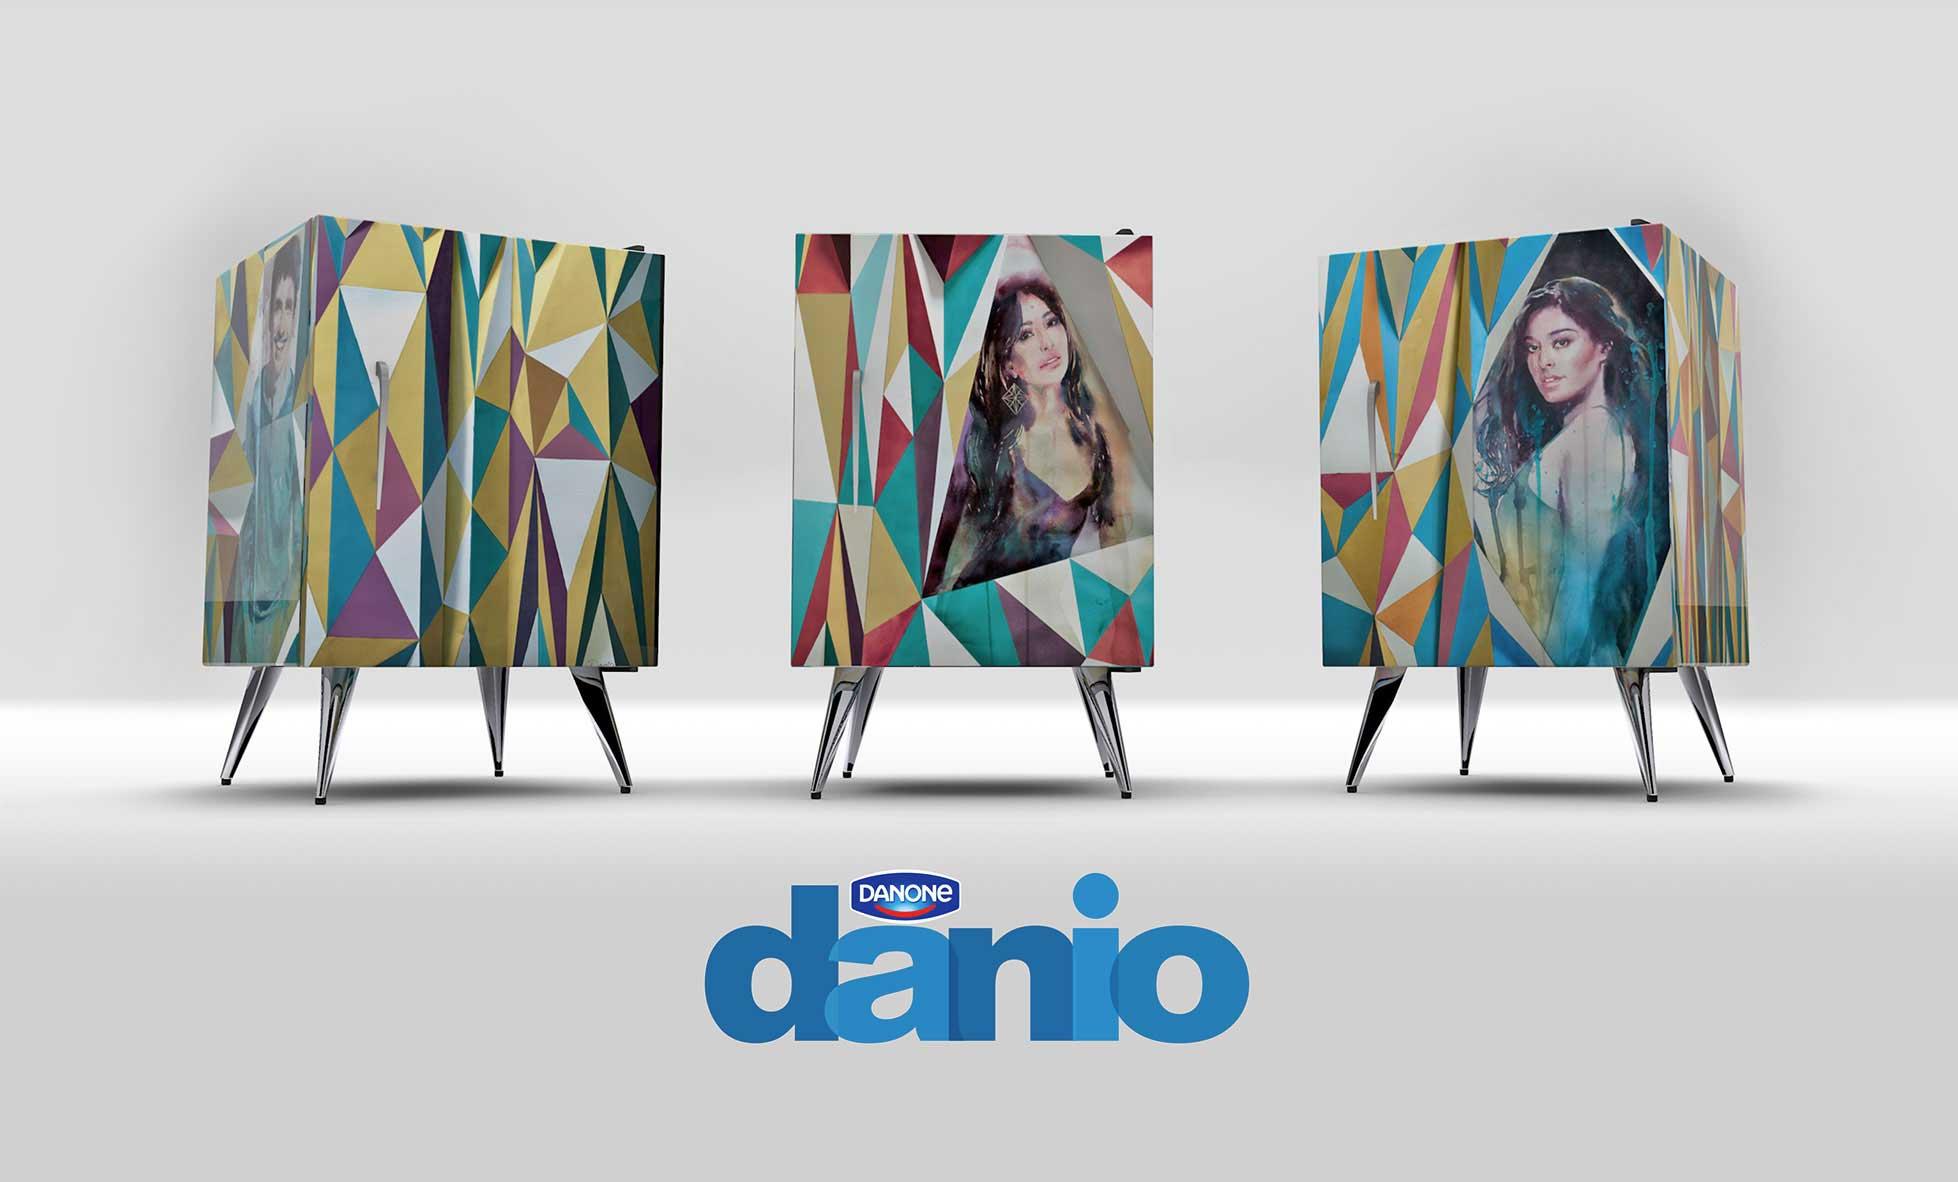 Danio---Capa-Case